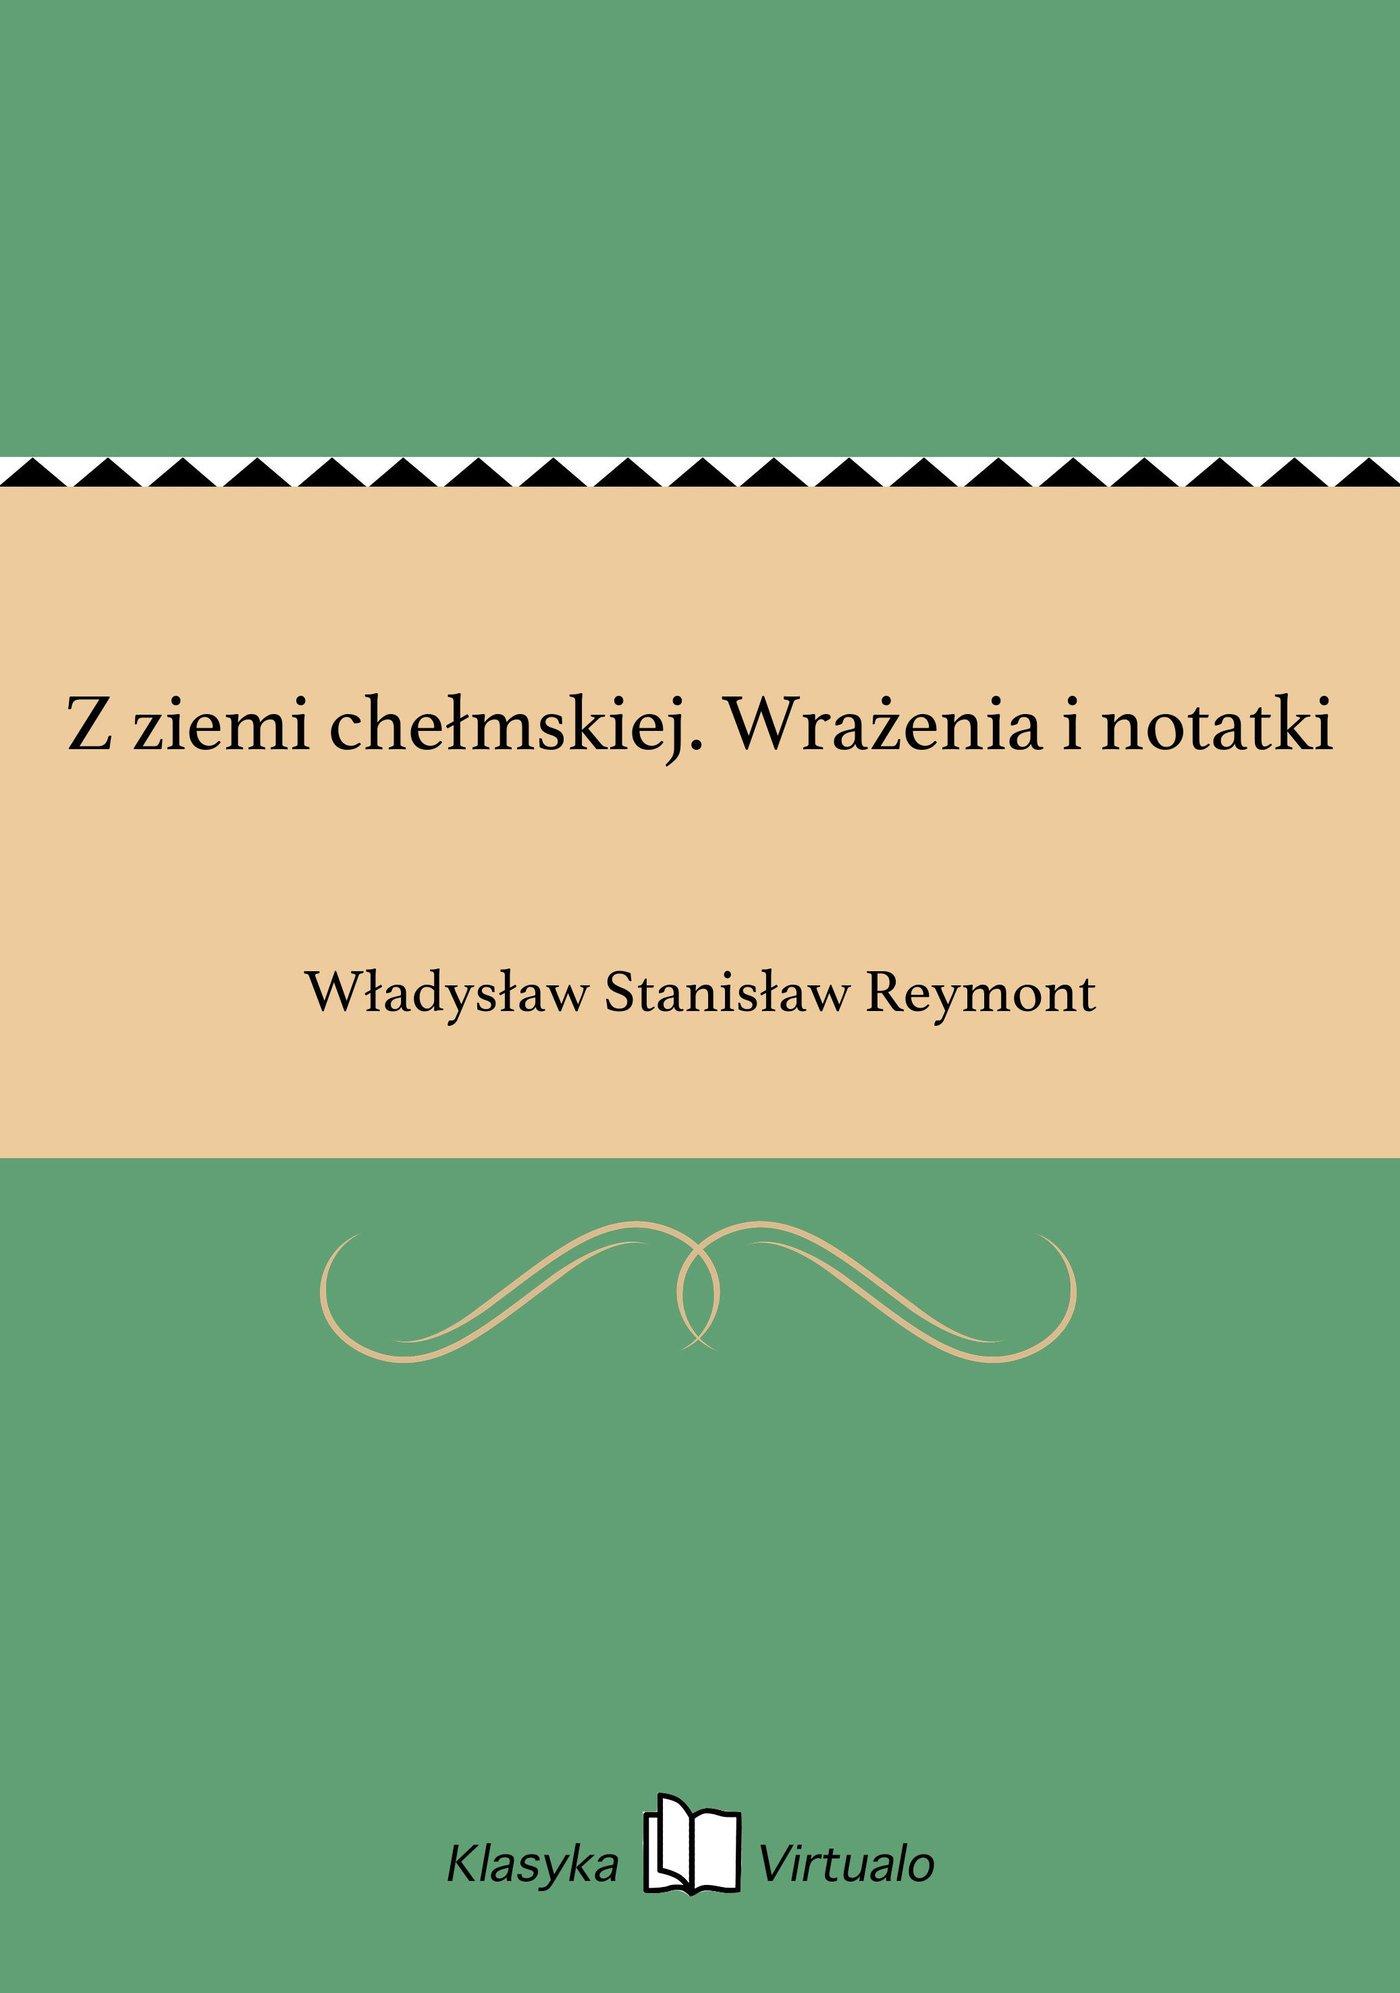 Z ziemi chełmskiej. Wrażenia i notatki - Ebook (Książka EPUB) do pobrania w formacie EPUB